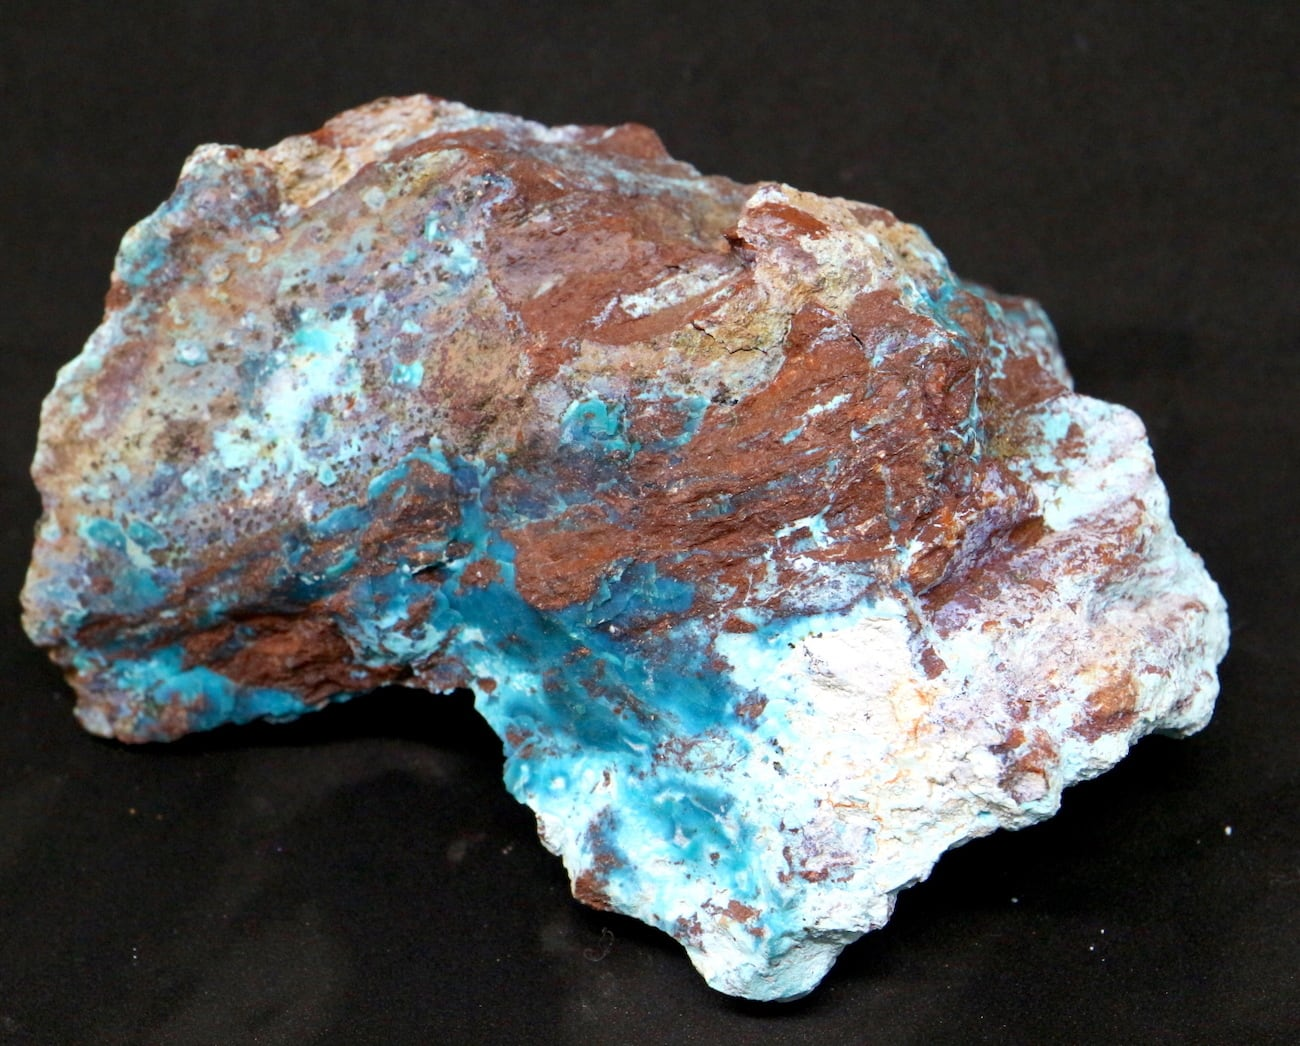 クリソコラ 珪孔雀石 アリゾナ州  366,7g CHS008  鉱物 天然石 原石